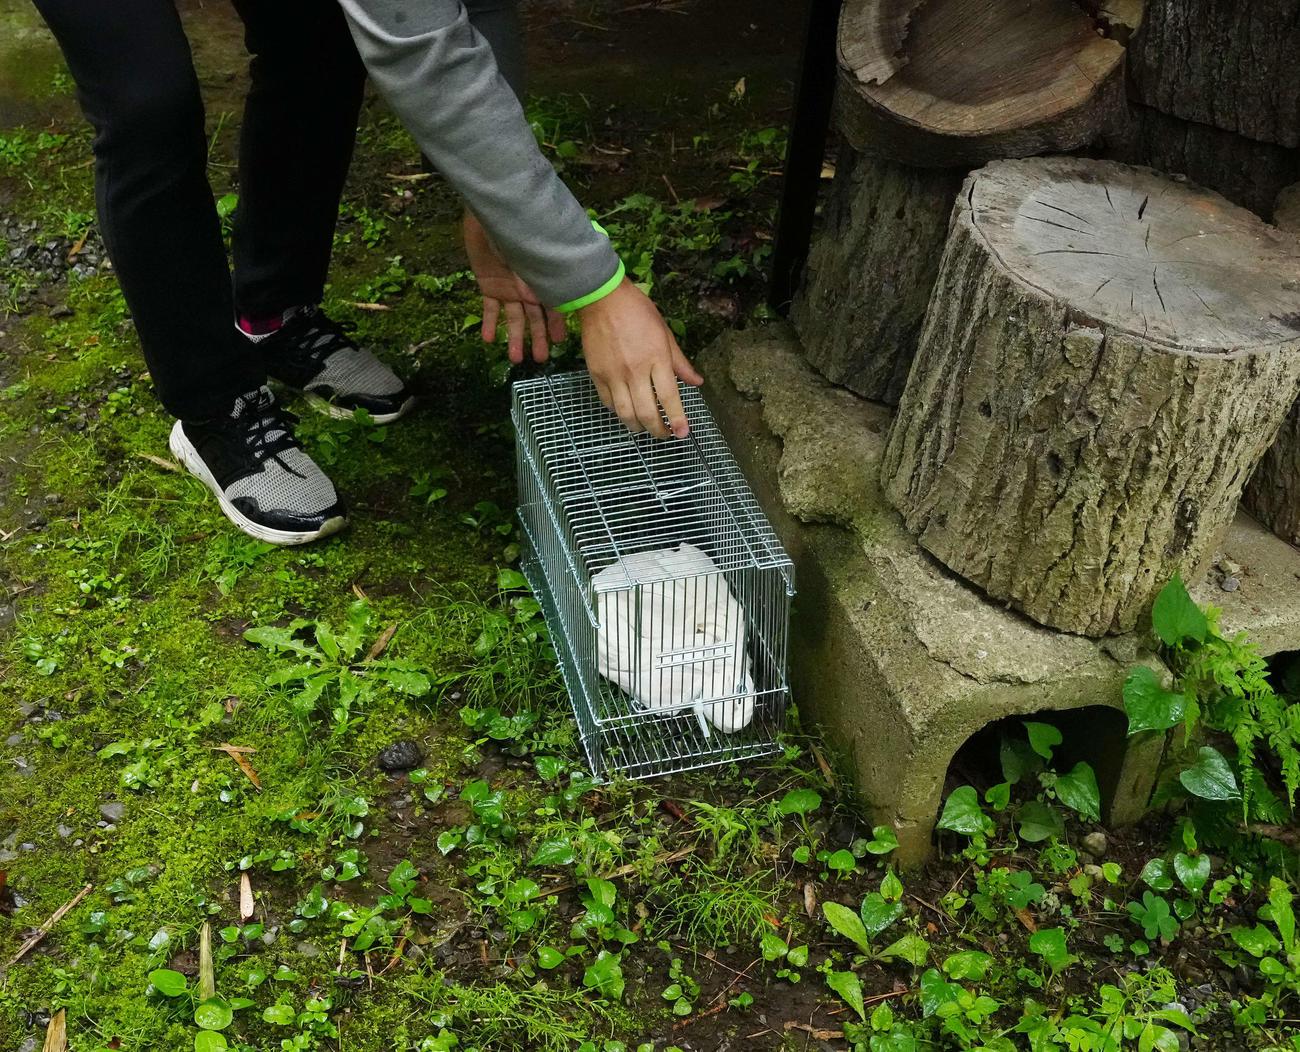 逃げ出したアミメニシキヘビの捕獲のため、おびき寄せるエサを設置する飼い主=午前10時4分(撮影・江口和貴)